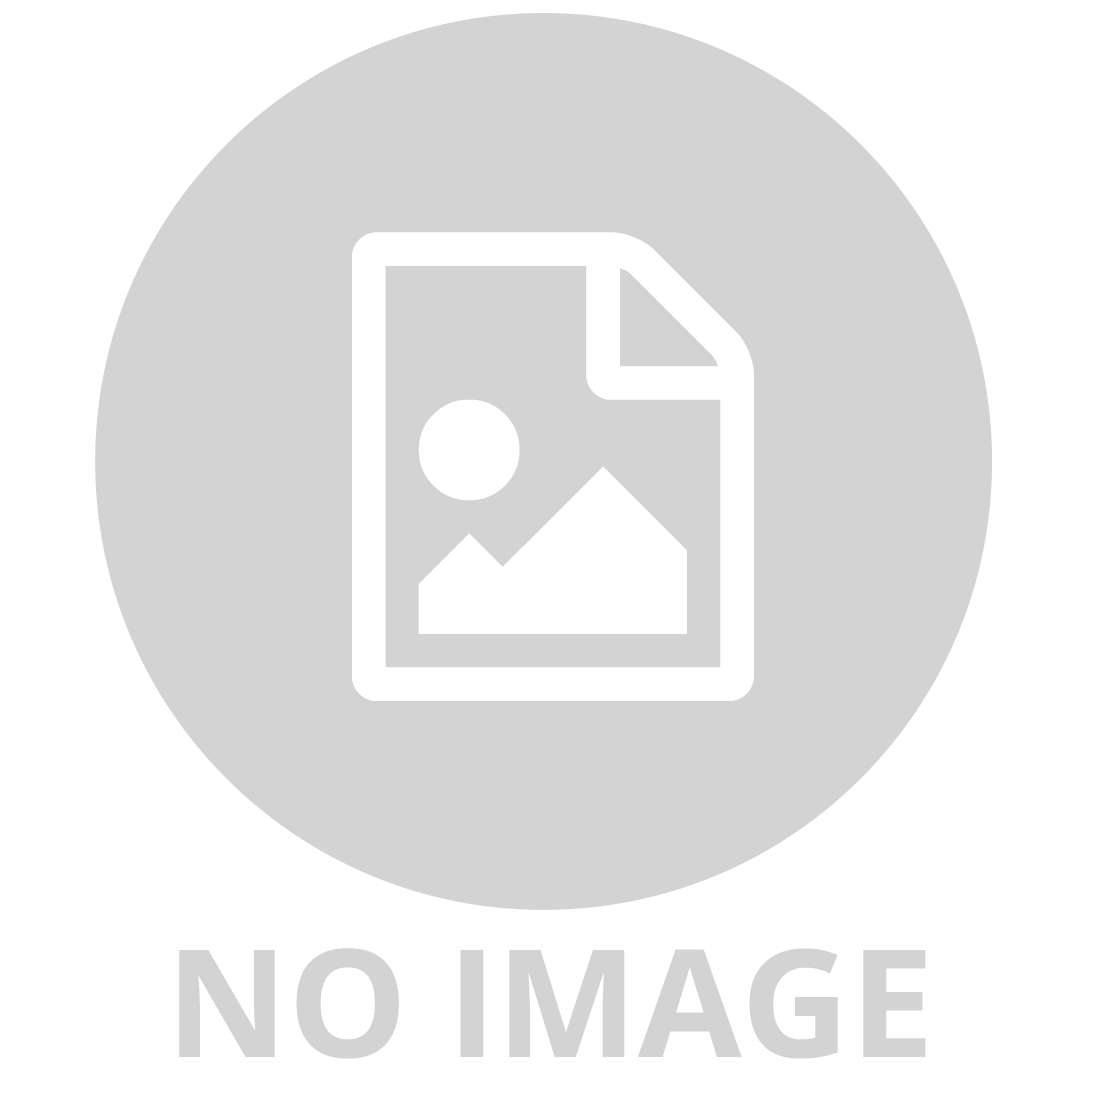 NEW HOLLAND FARM HOUSE